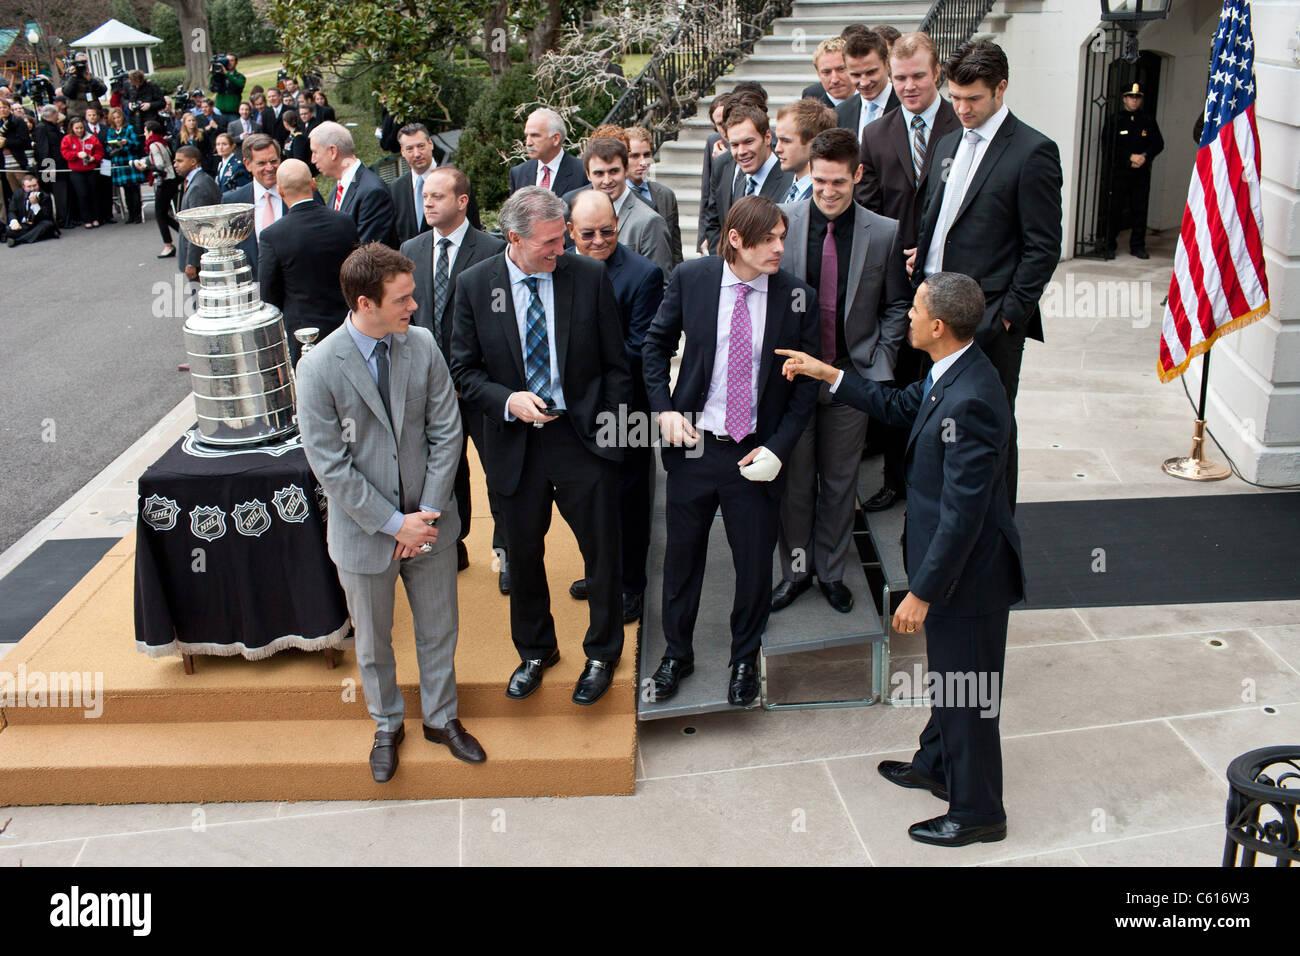 Präsident Obama ehrt Mitglieder der Stanley Cup Champions 2009 / 10 den Chicago Blackhawks im Weißen Haus Stockbild